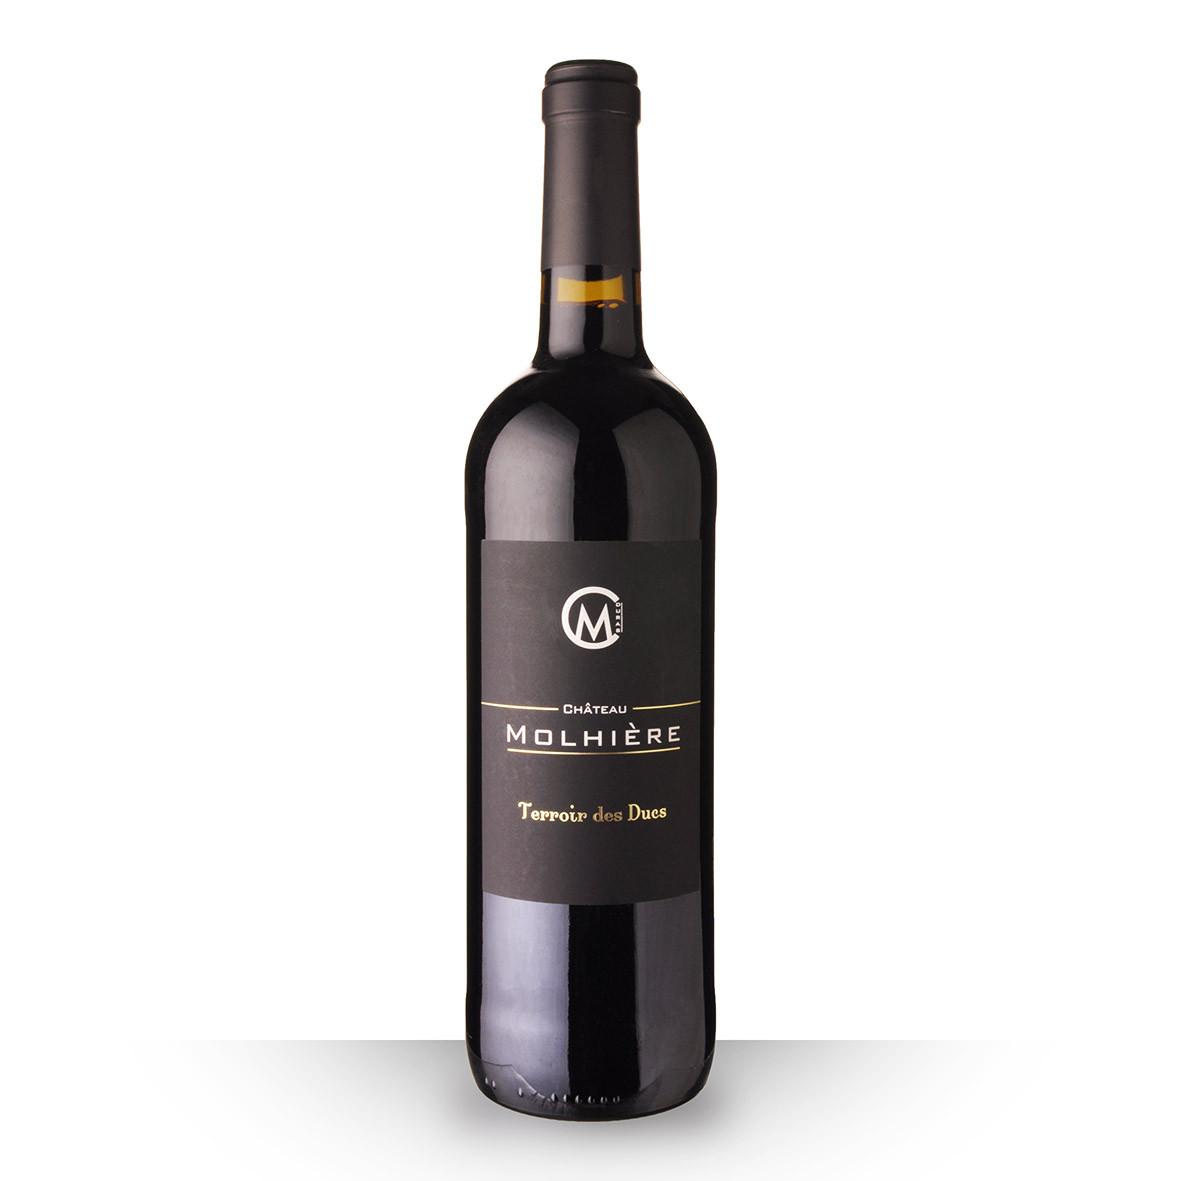 Château Molhière Terroirs des Ducs Côtes de Duras Rouge 2018 75cl www.odyssee-vins.com